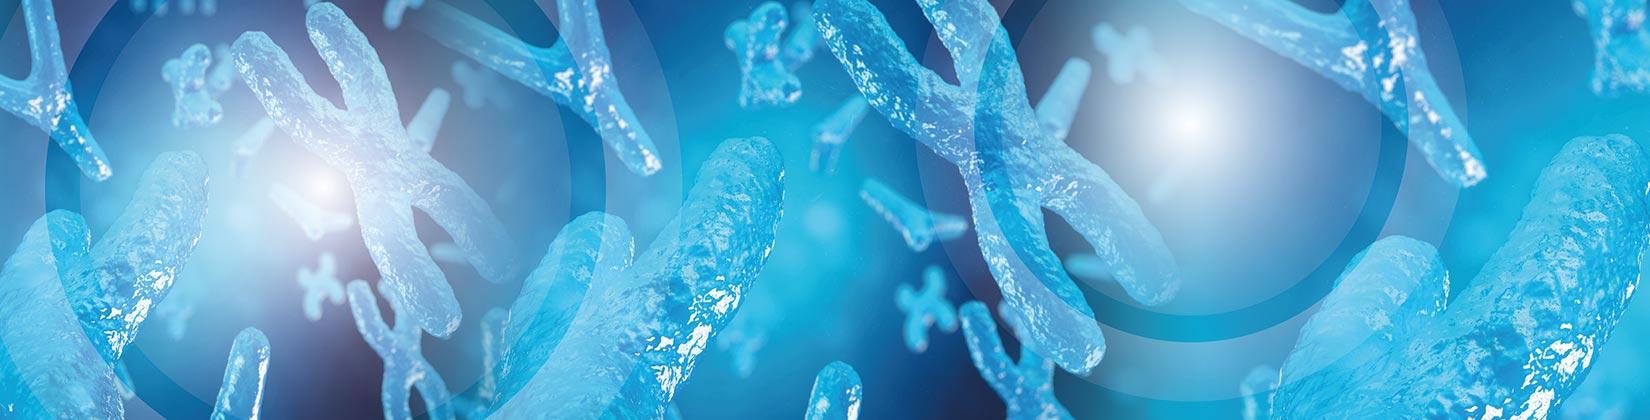 Ανδρολογικό εργαστήριο Ζεγκινιάδου Μικροβιολογία χρωμόσωμα Υ